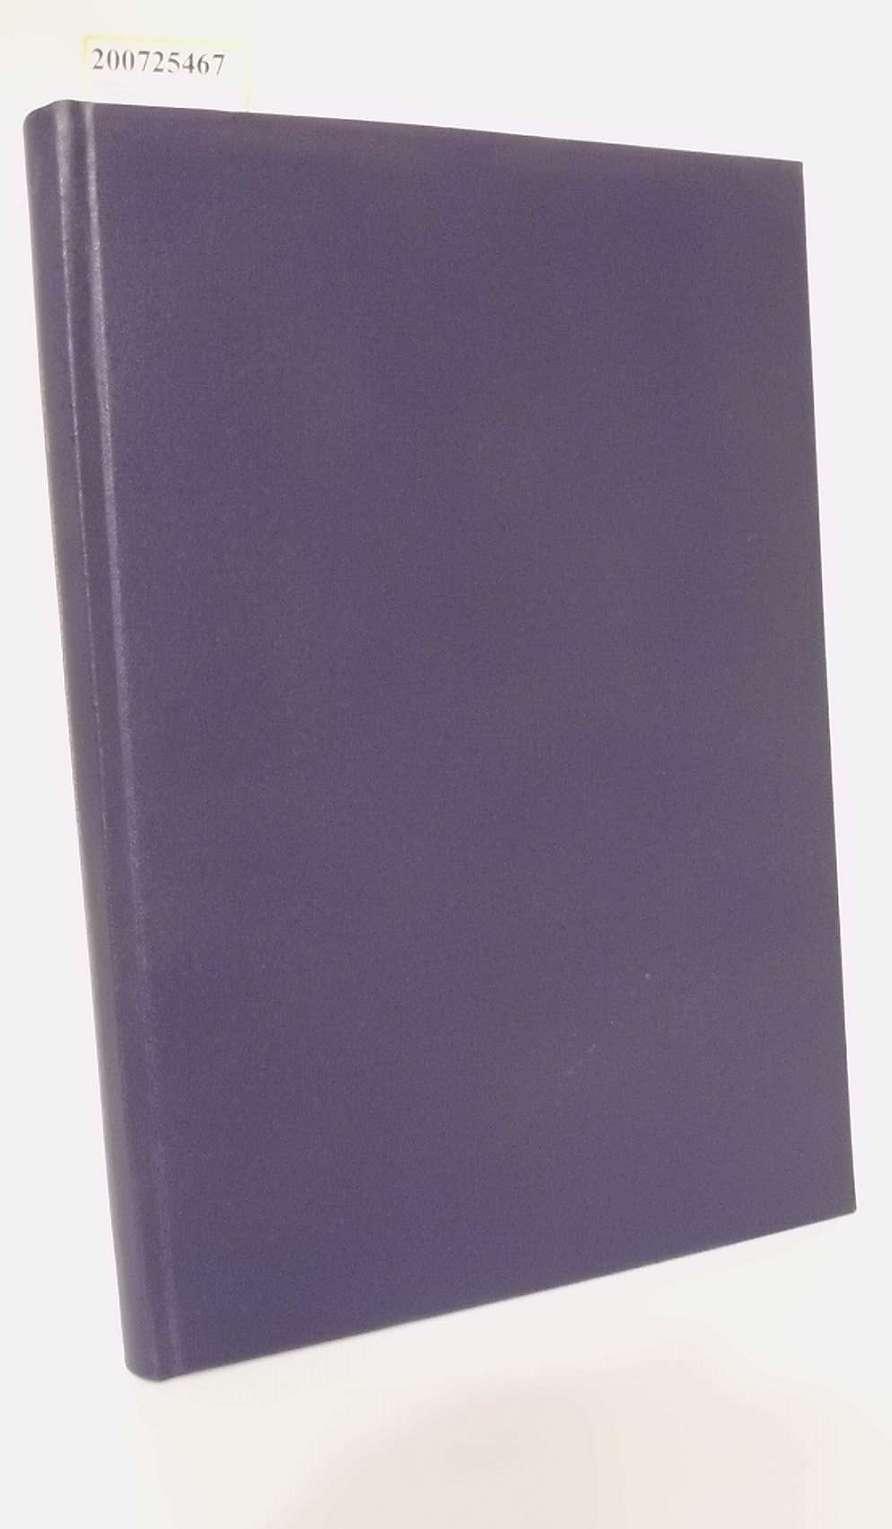 Nachrichten für Dokumentation herausgegeben von der Deutschen Gesellschaft für Dokumentation e. V. , 26. Jahrgang 1975 Zeitschrift für Information und Dokumentation